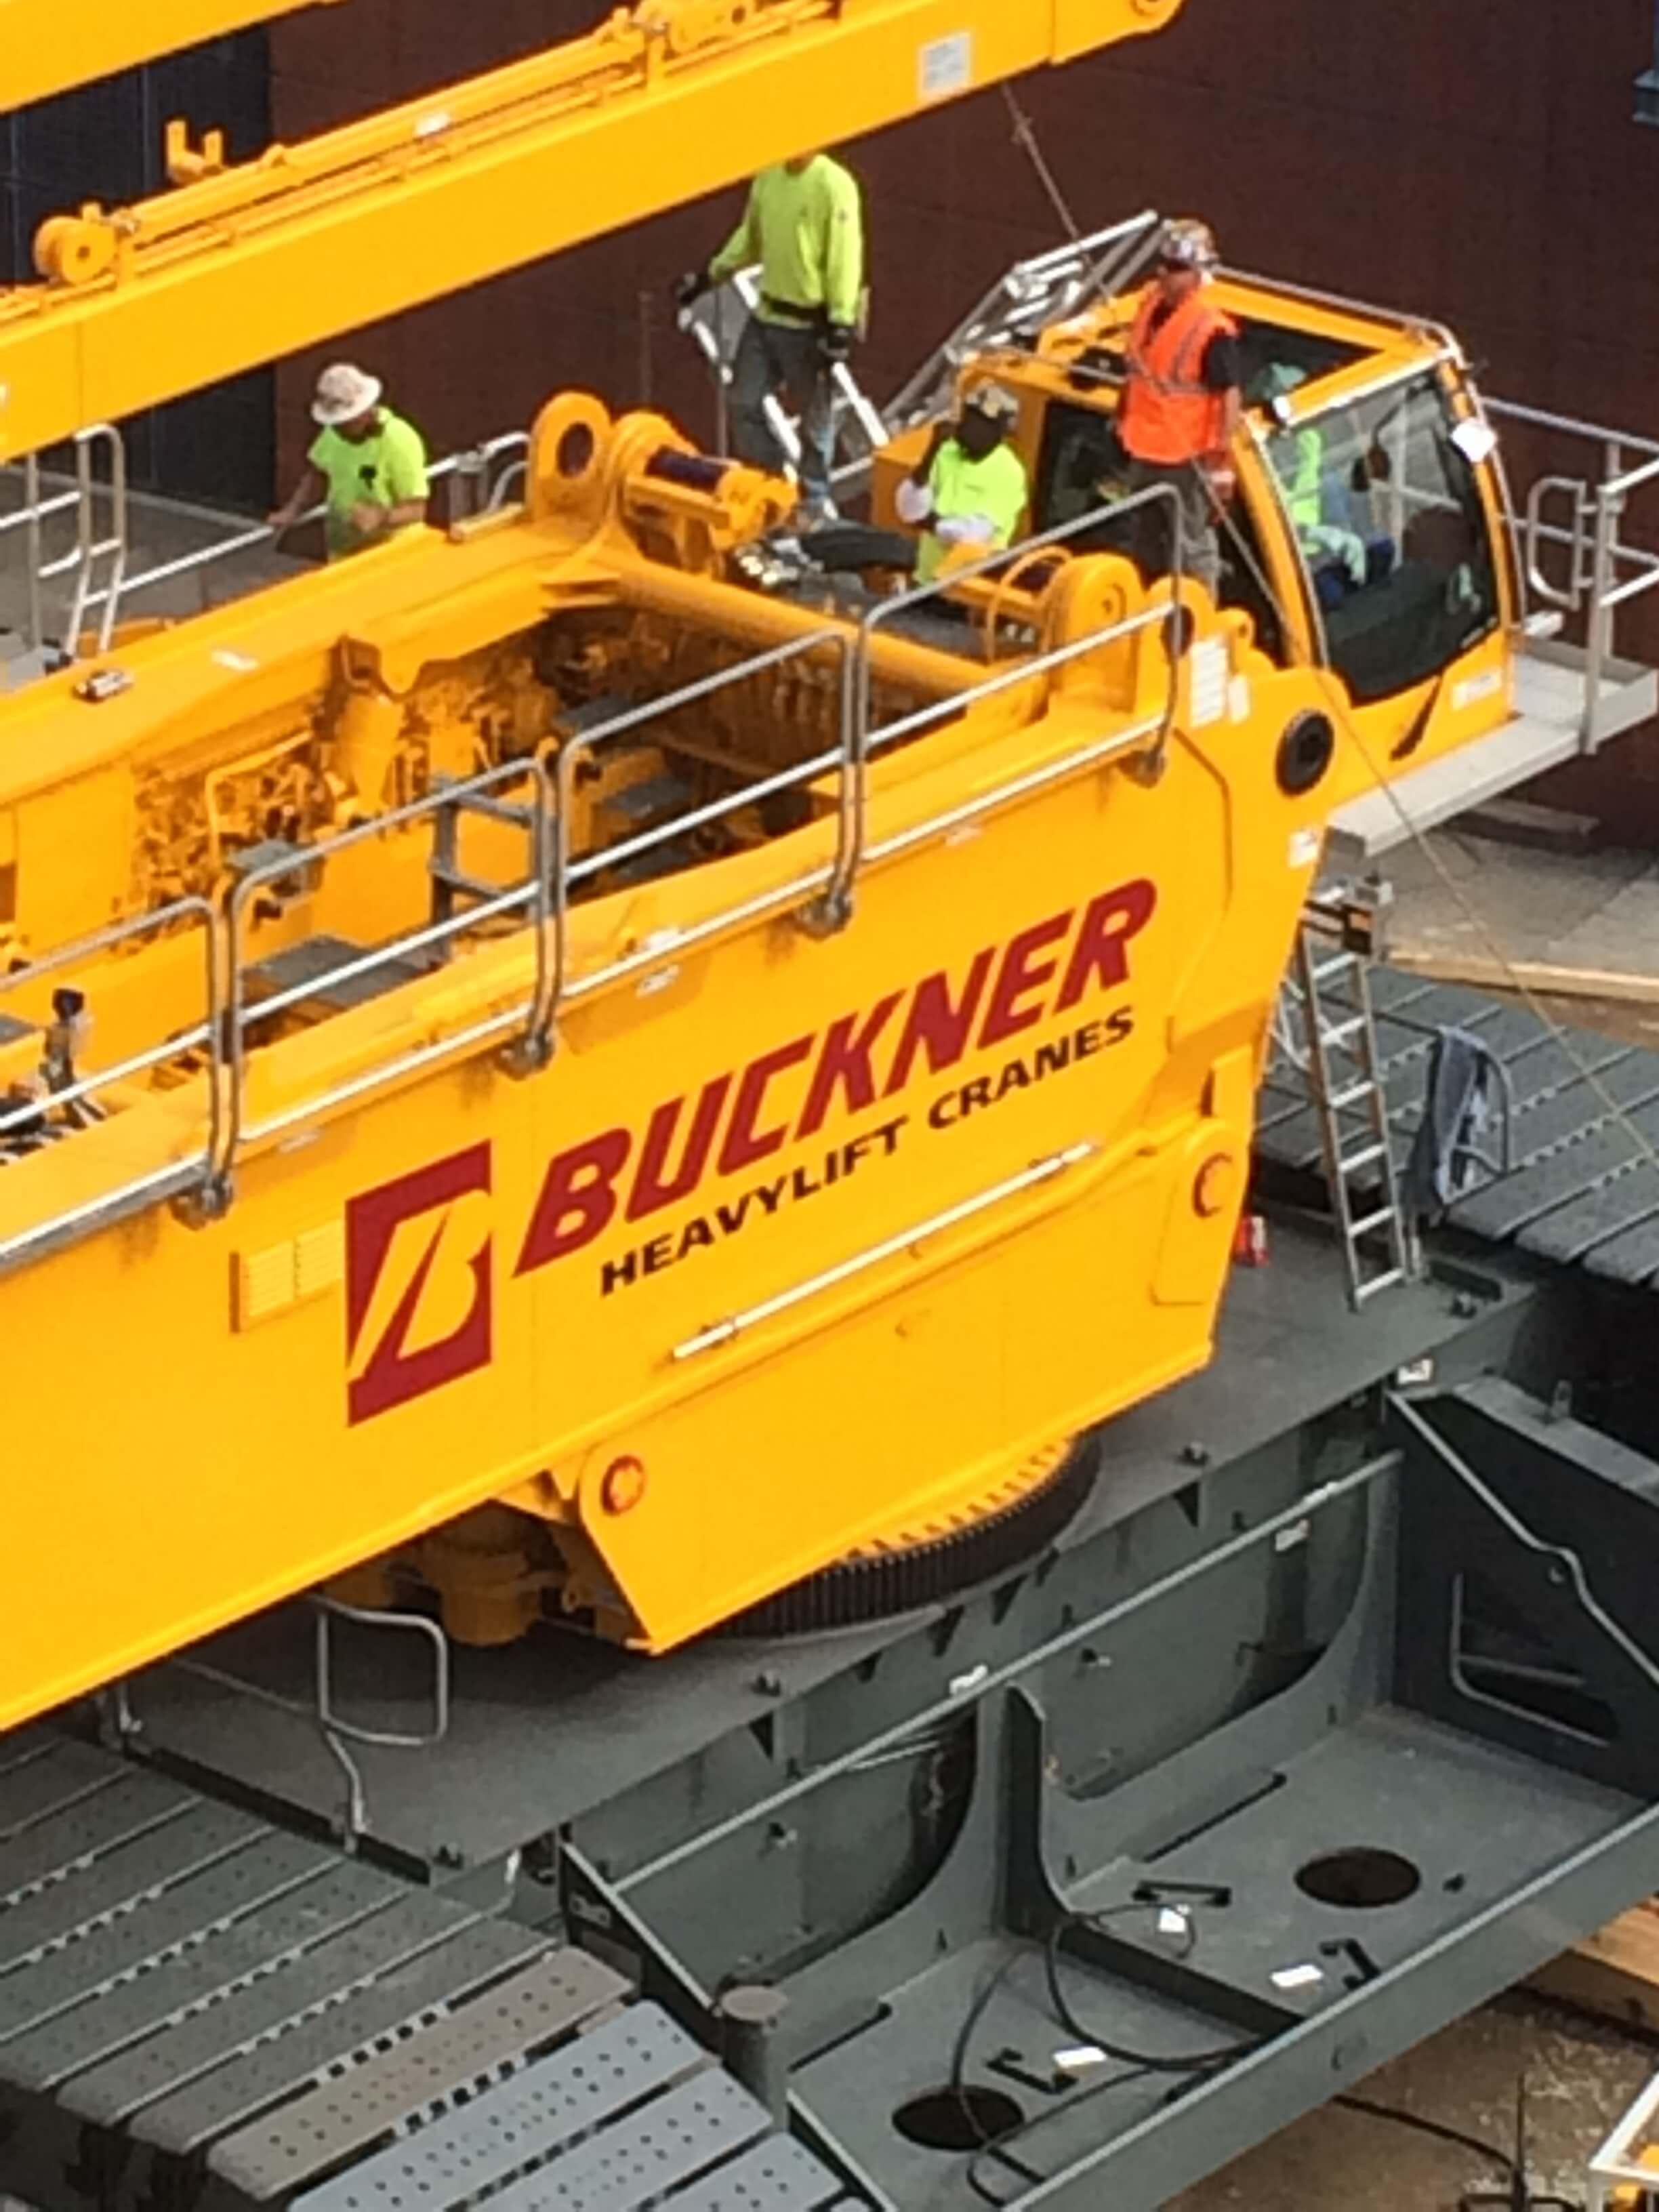 Liebherr Lr 11350 P1800 Buckner Heavylift